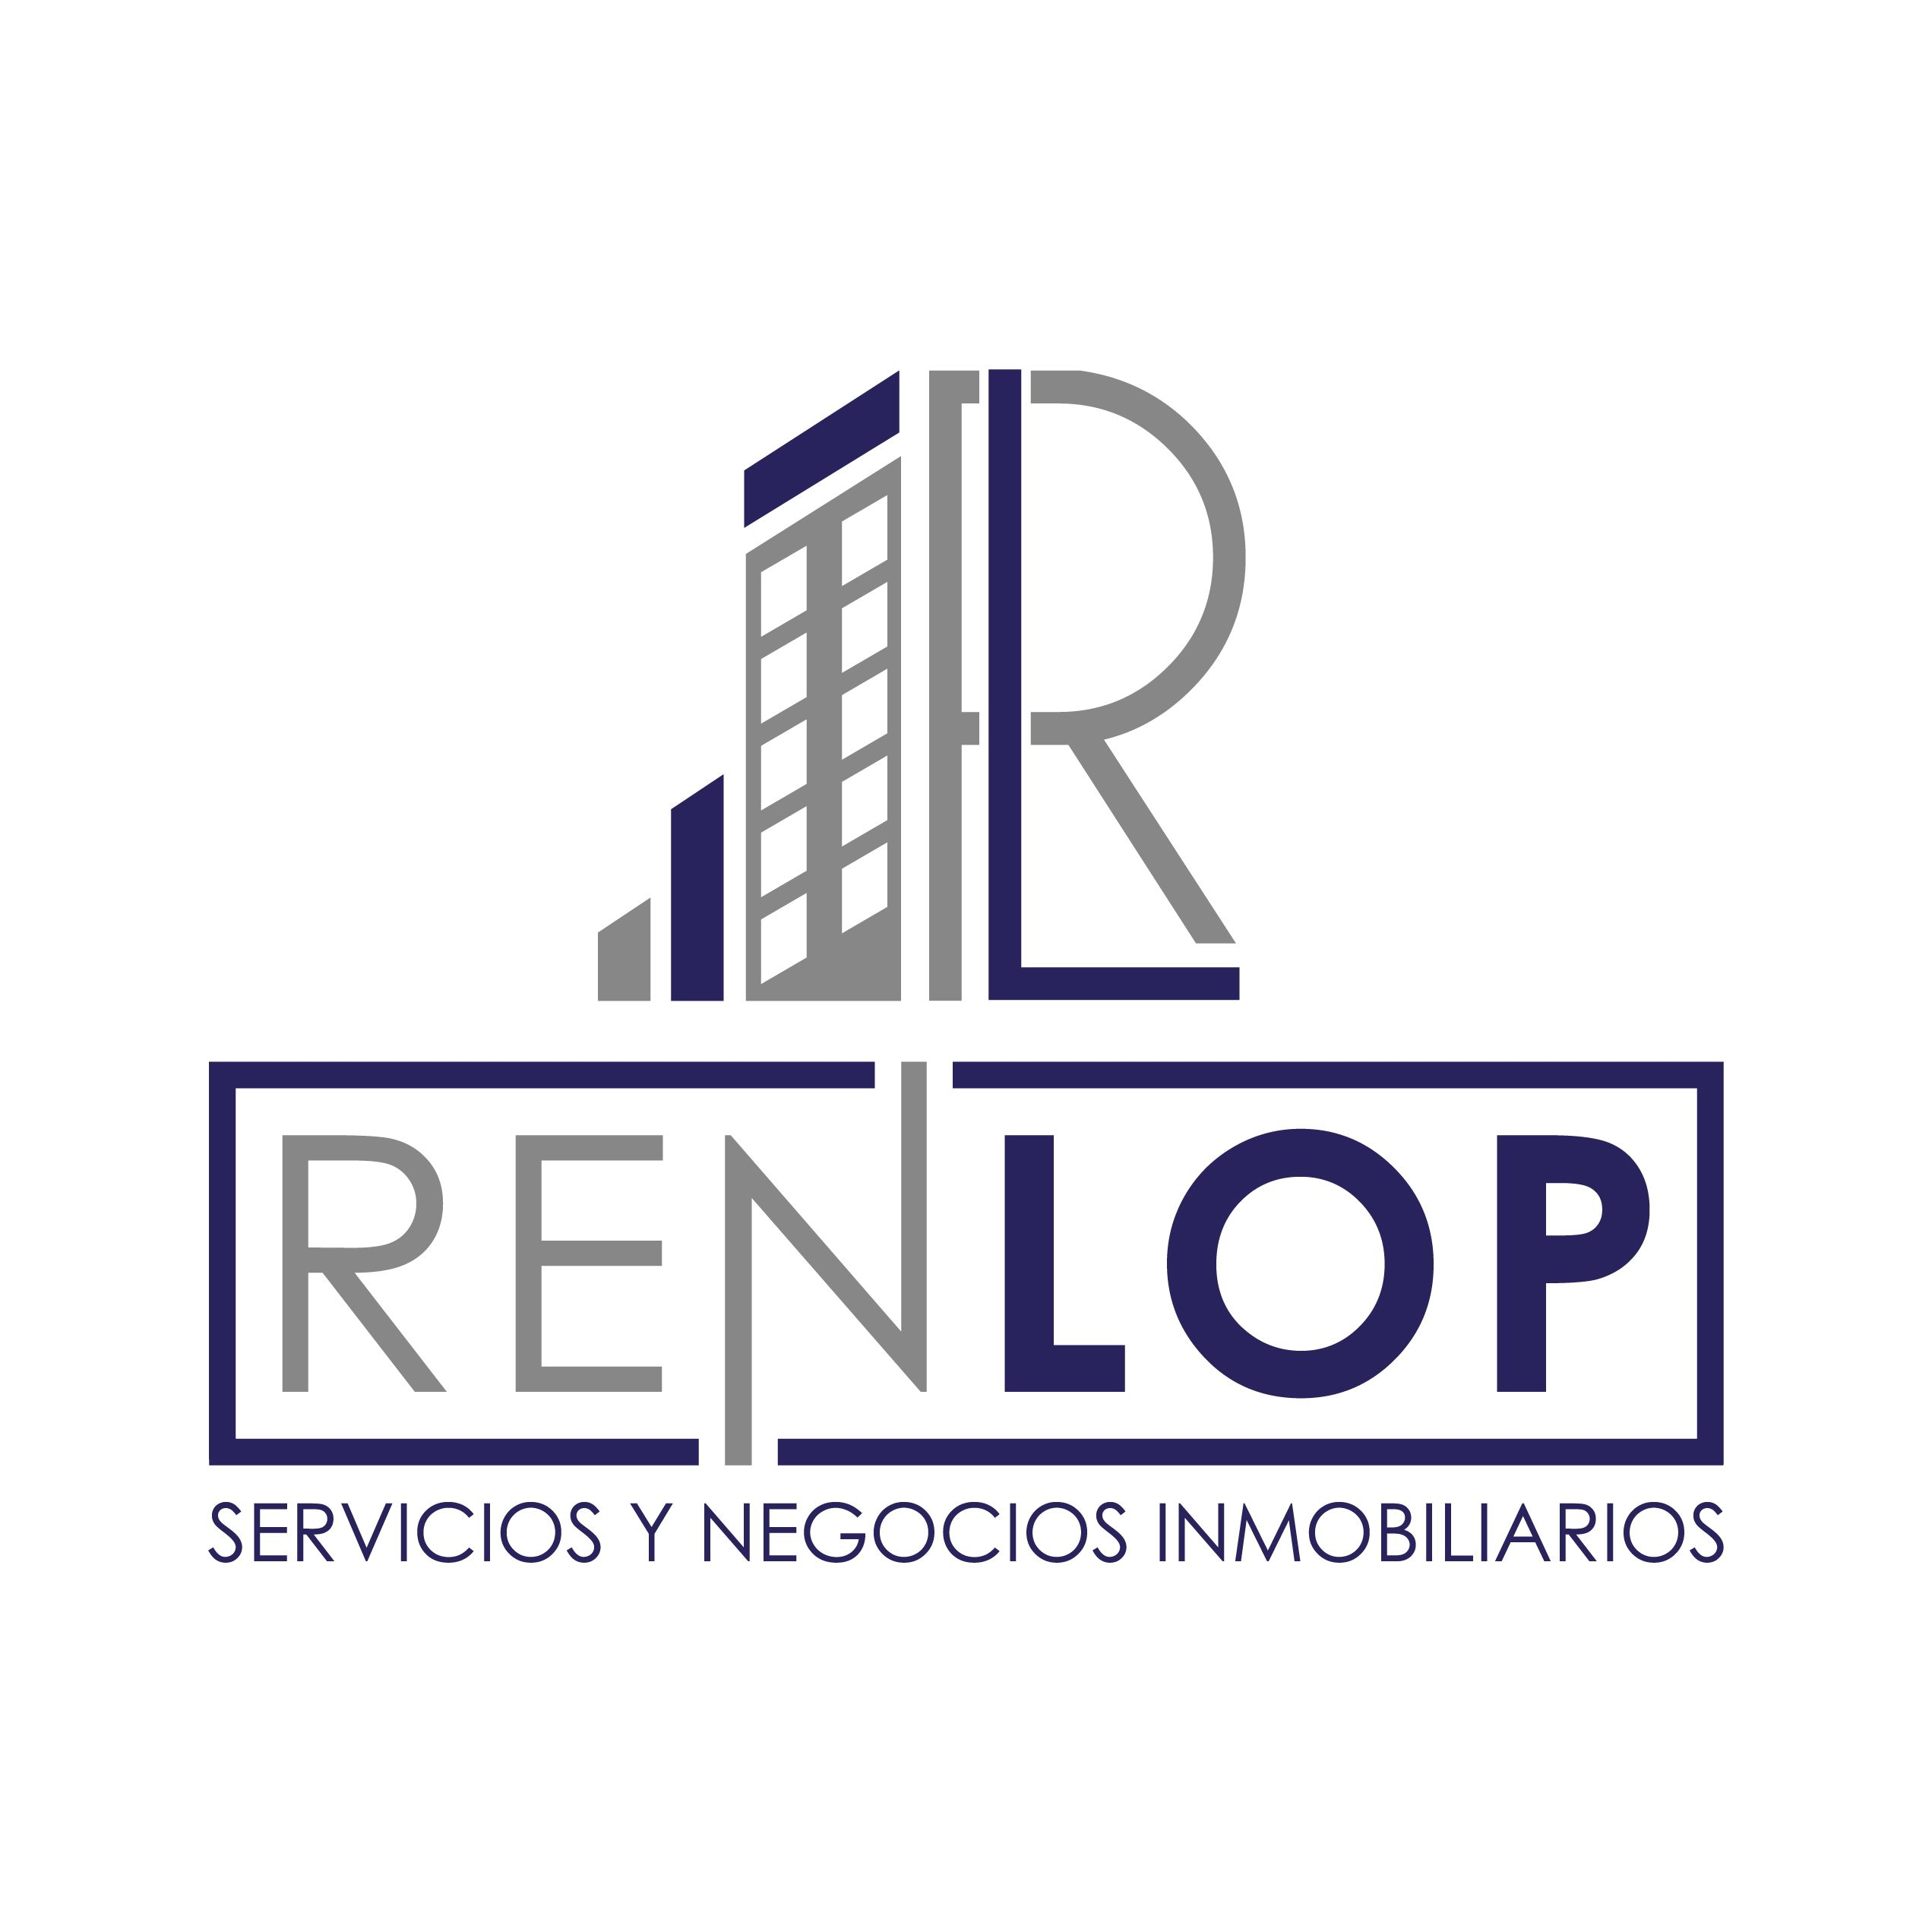 Logo de  Renlopserviciosynegocios